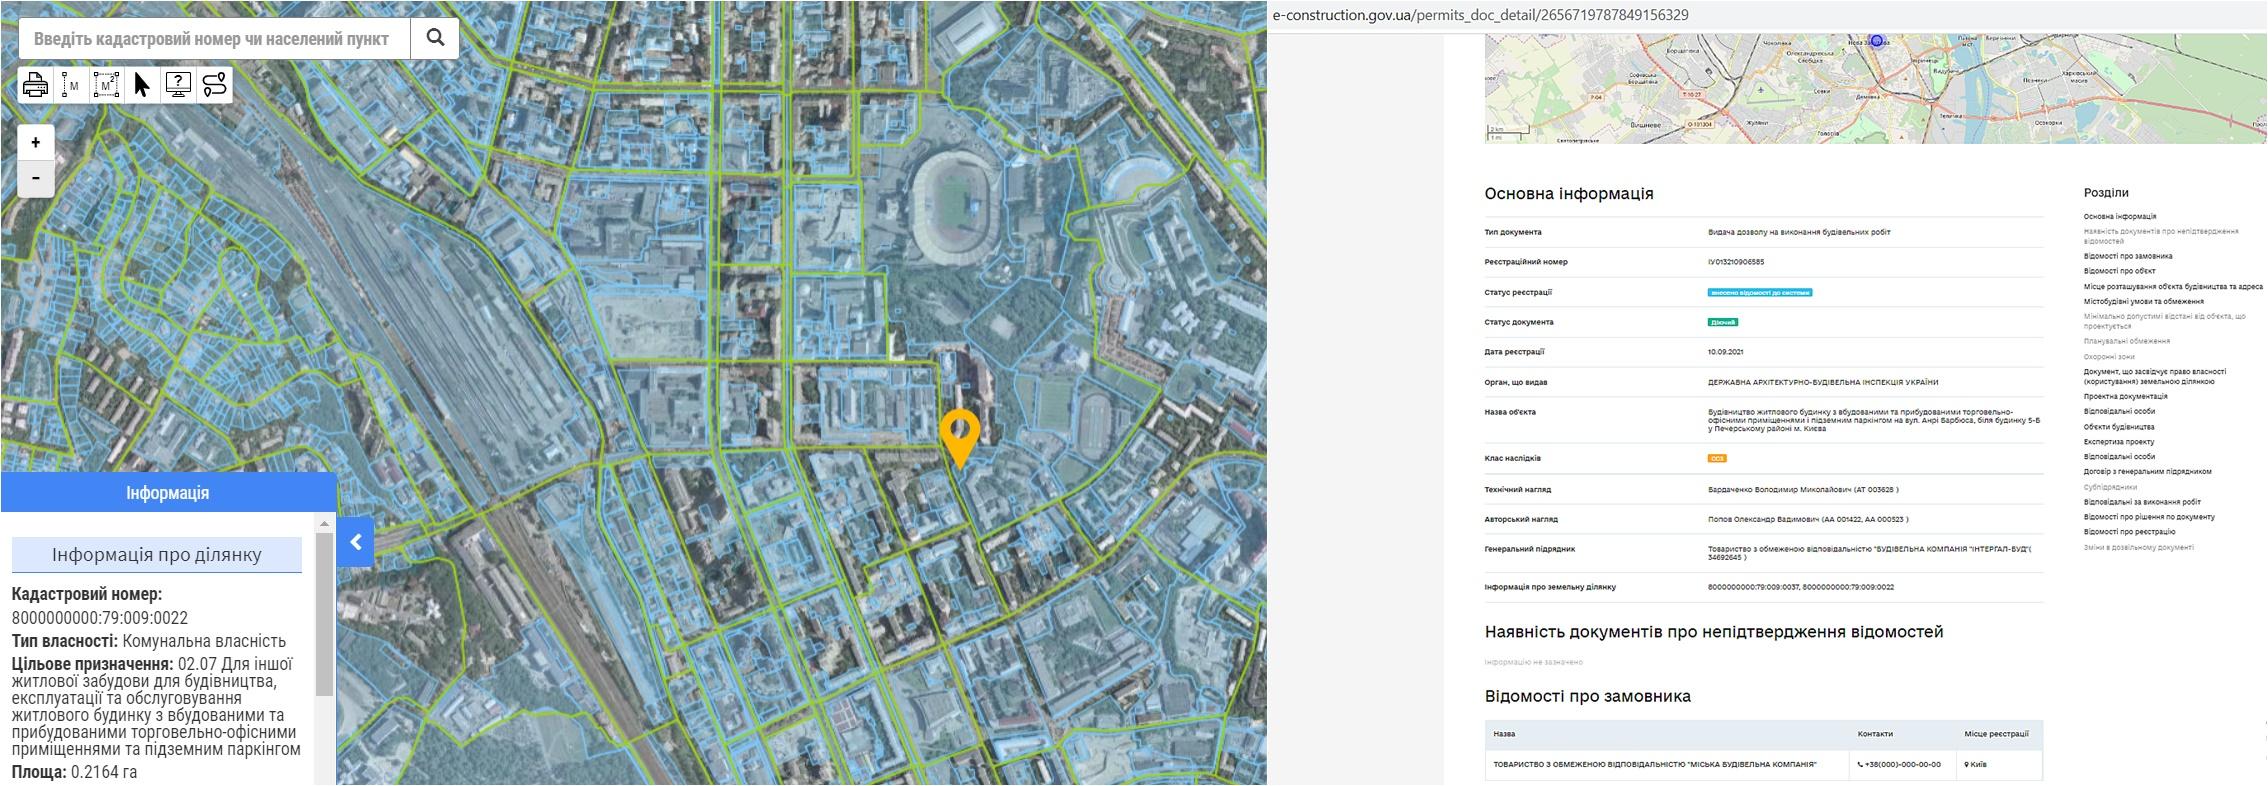 ЖК по ул. Барбюса, 5-Б данные кадастра и Разрешение в реестре